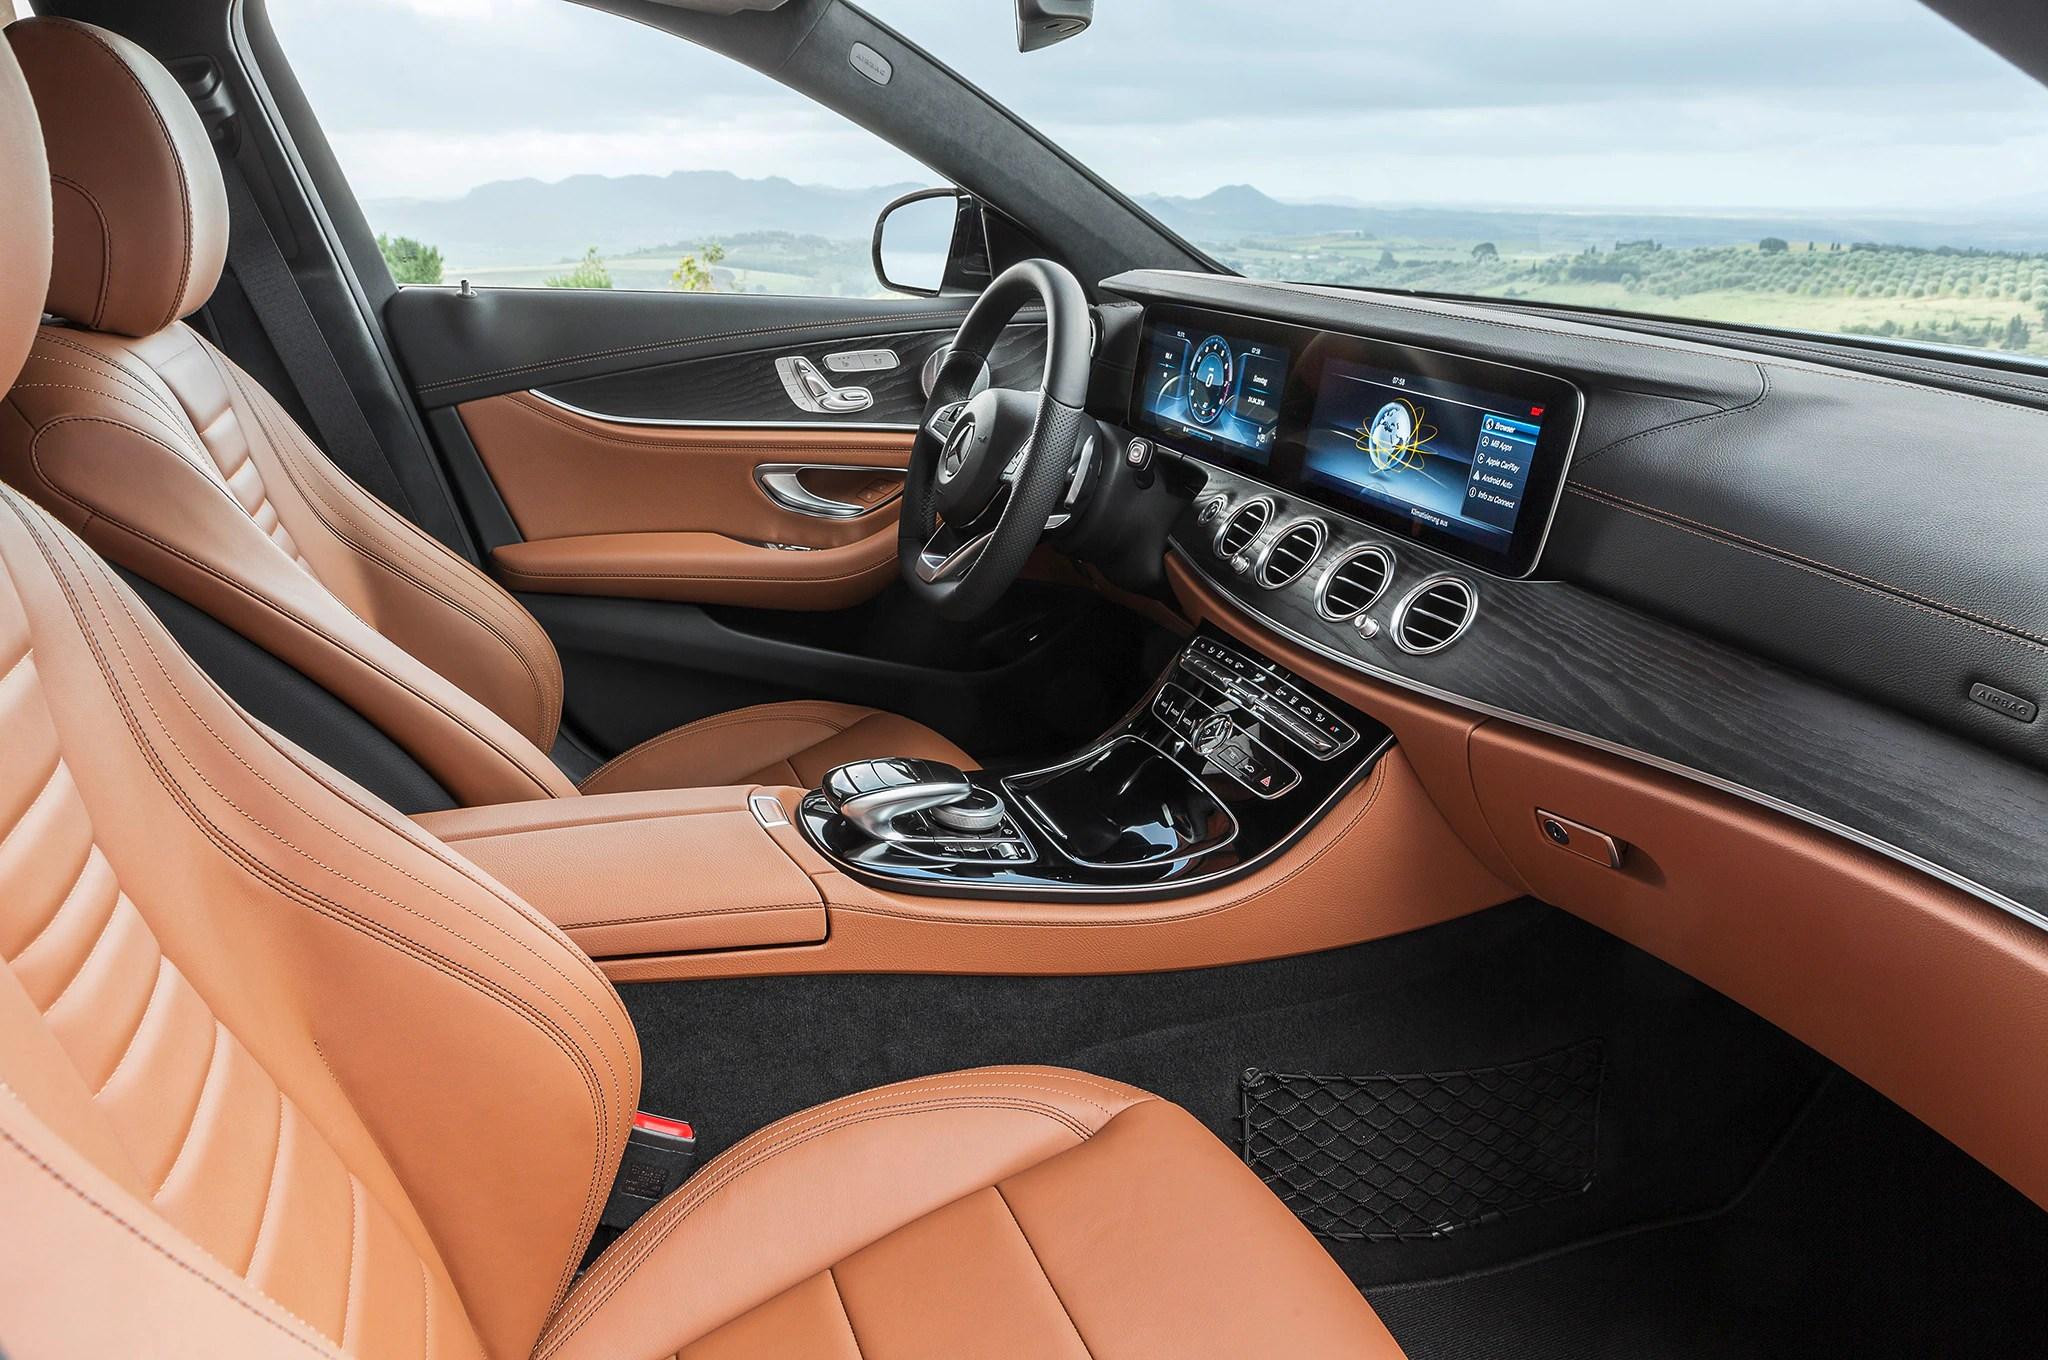 2017 mercedes benz e400 4matic wagon interior  [ 2048 x 1360 Pixel ]